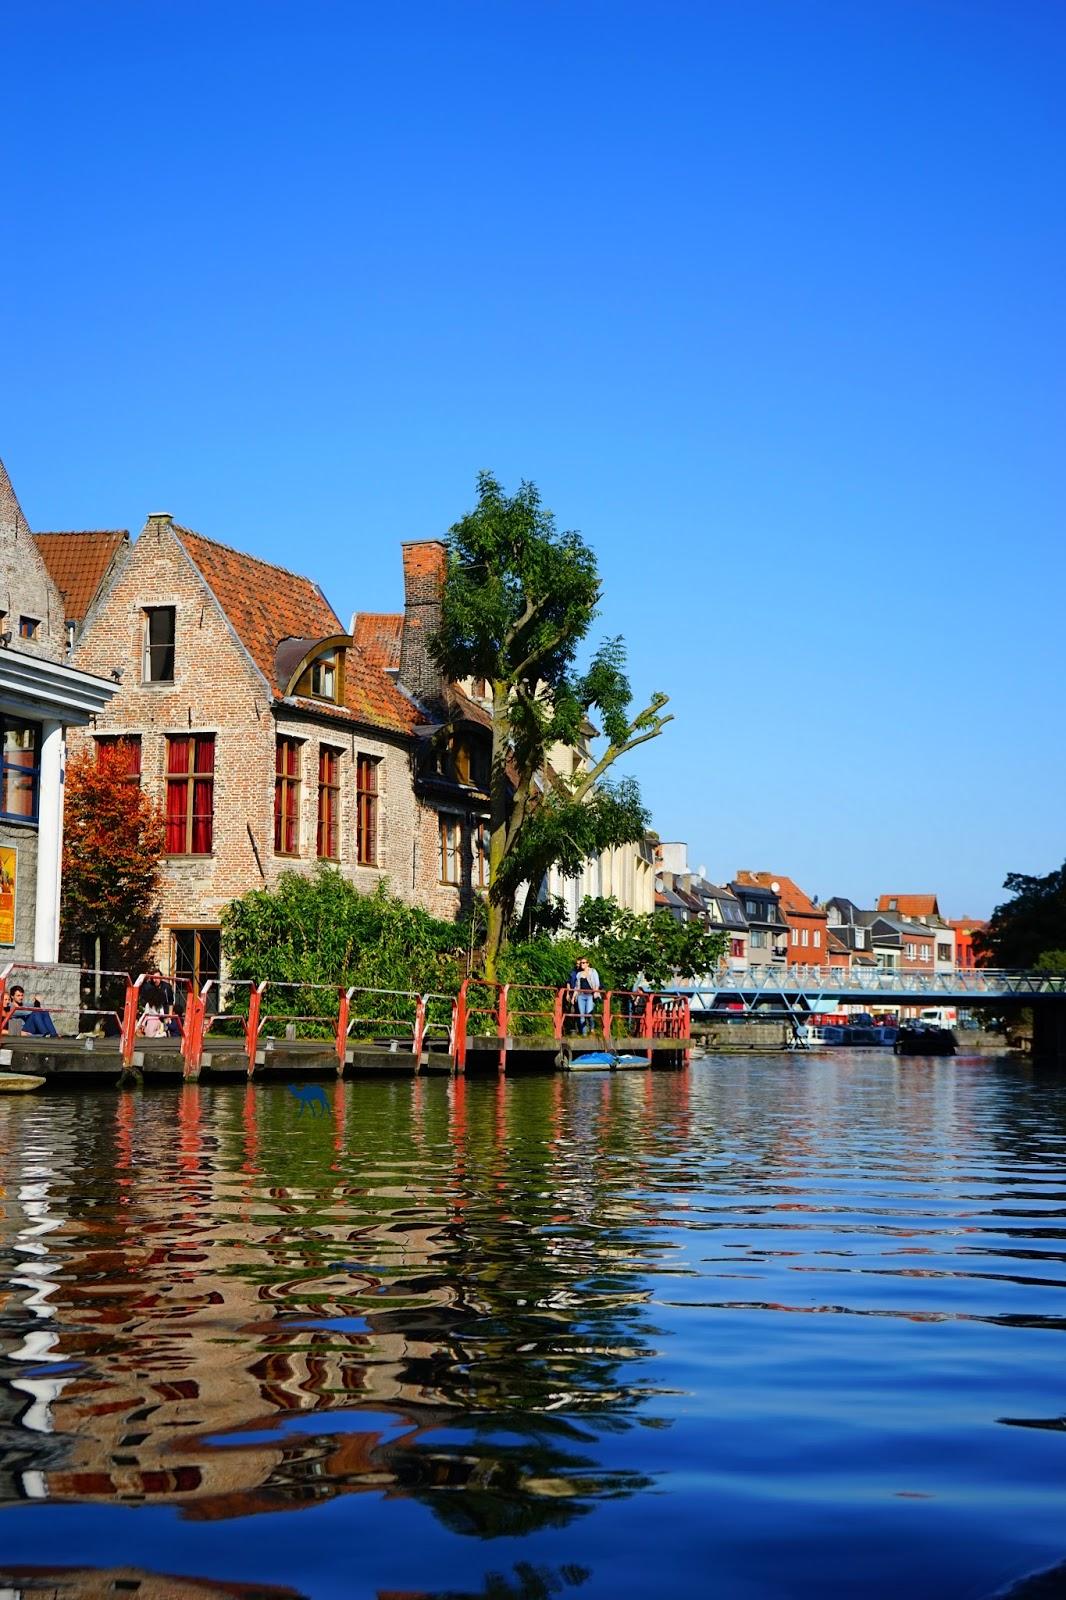 Le Chameau Bleu  - Blog Voyage Gand Belgique - Gand Tourisme - Canaux De Gand Belgique - Vacances à Gand